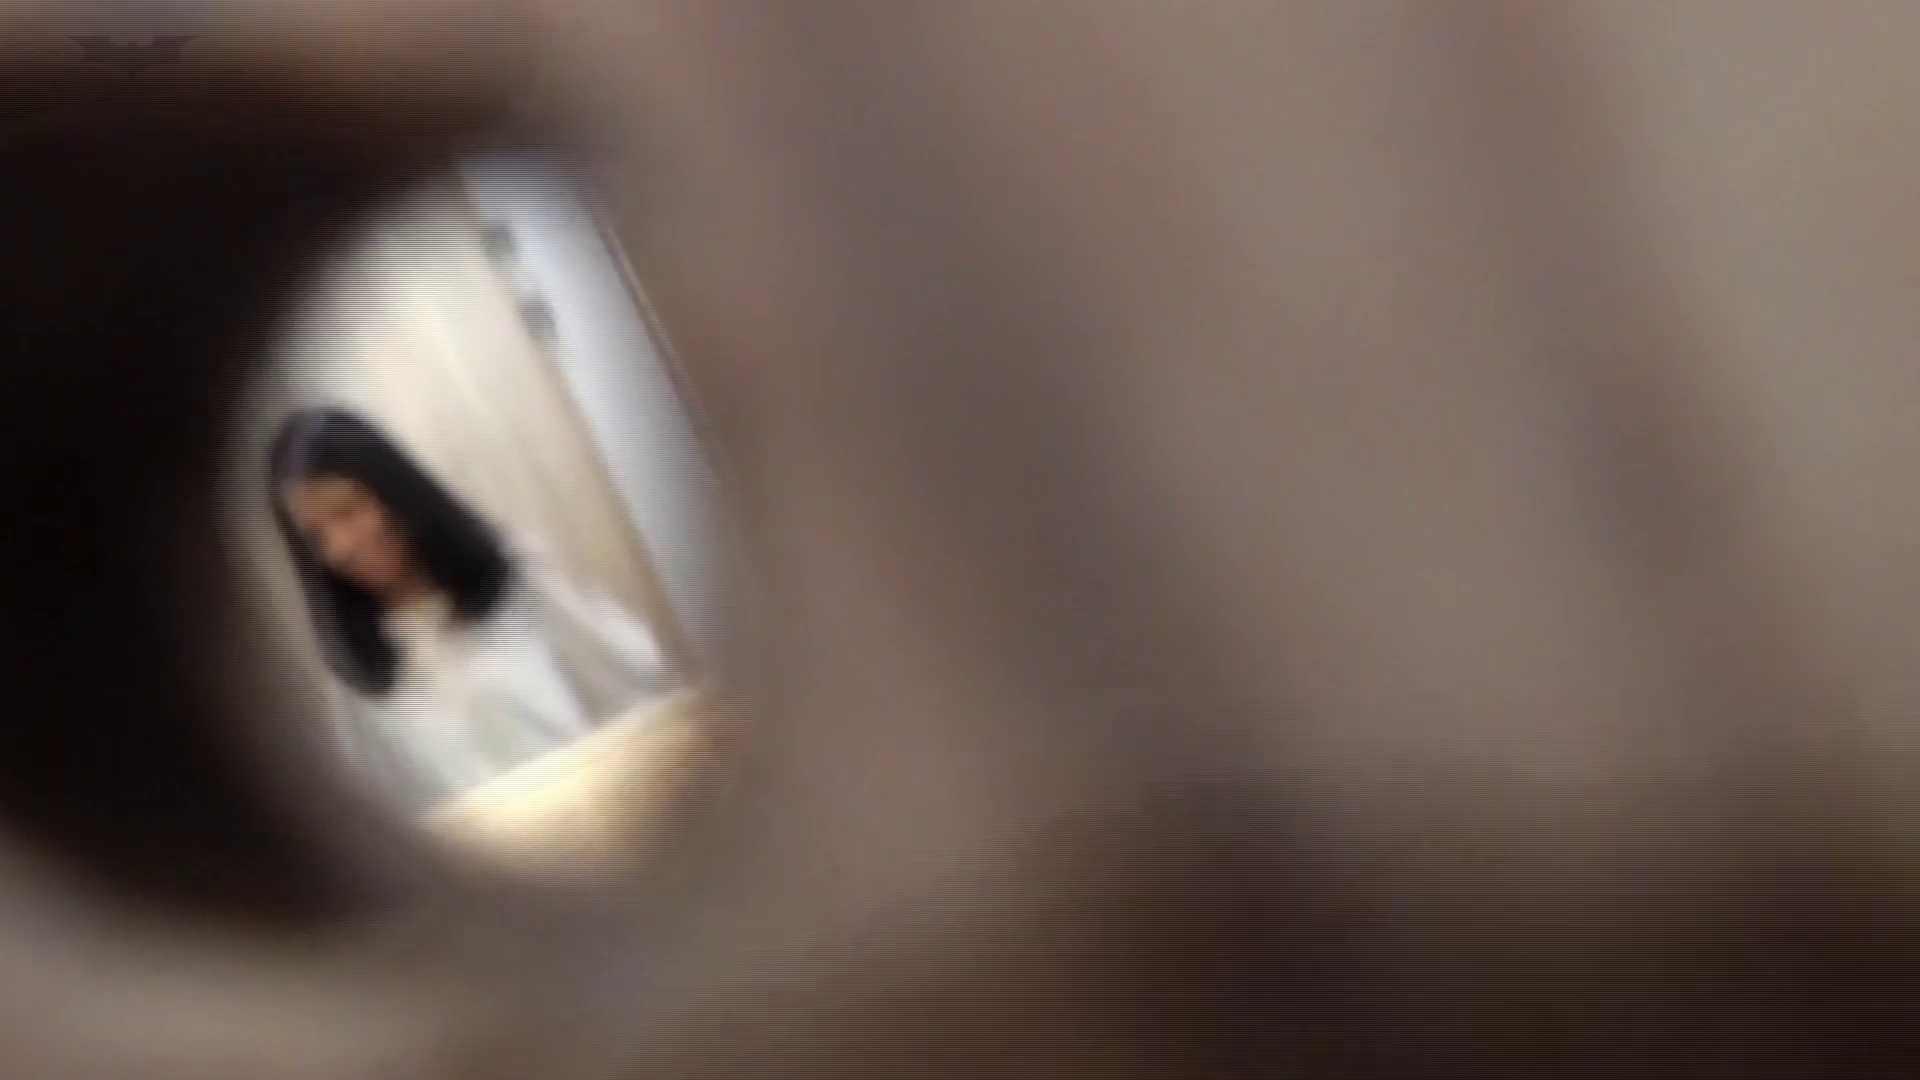 和式洋式七変化 Vol.32 綺麗な子連続登場 洗面所 すけべAV動画紹介 92連発 23